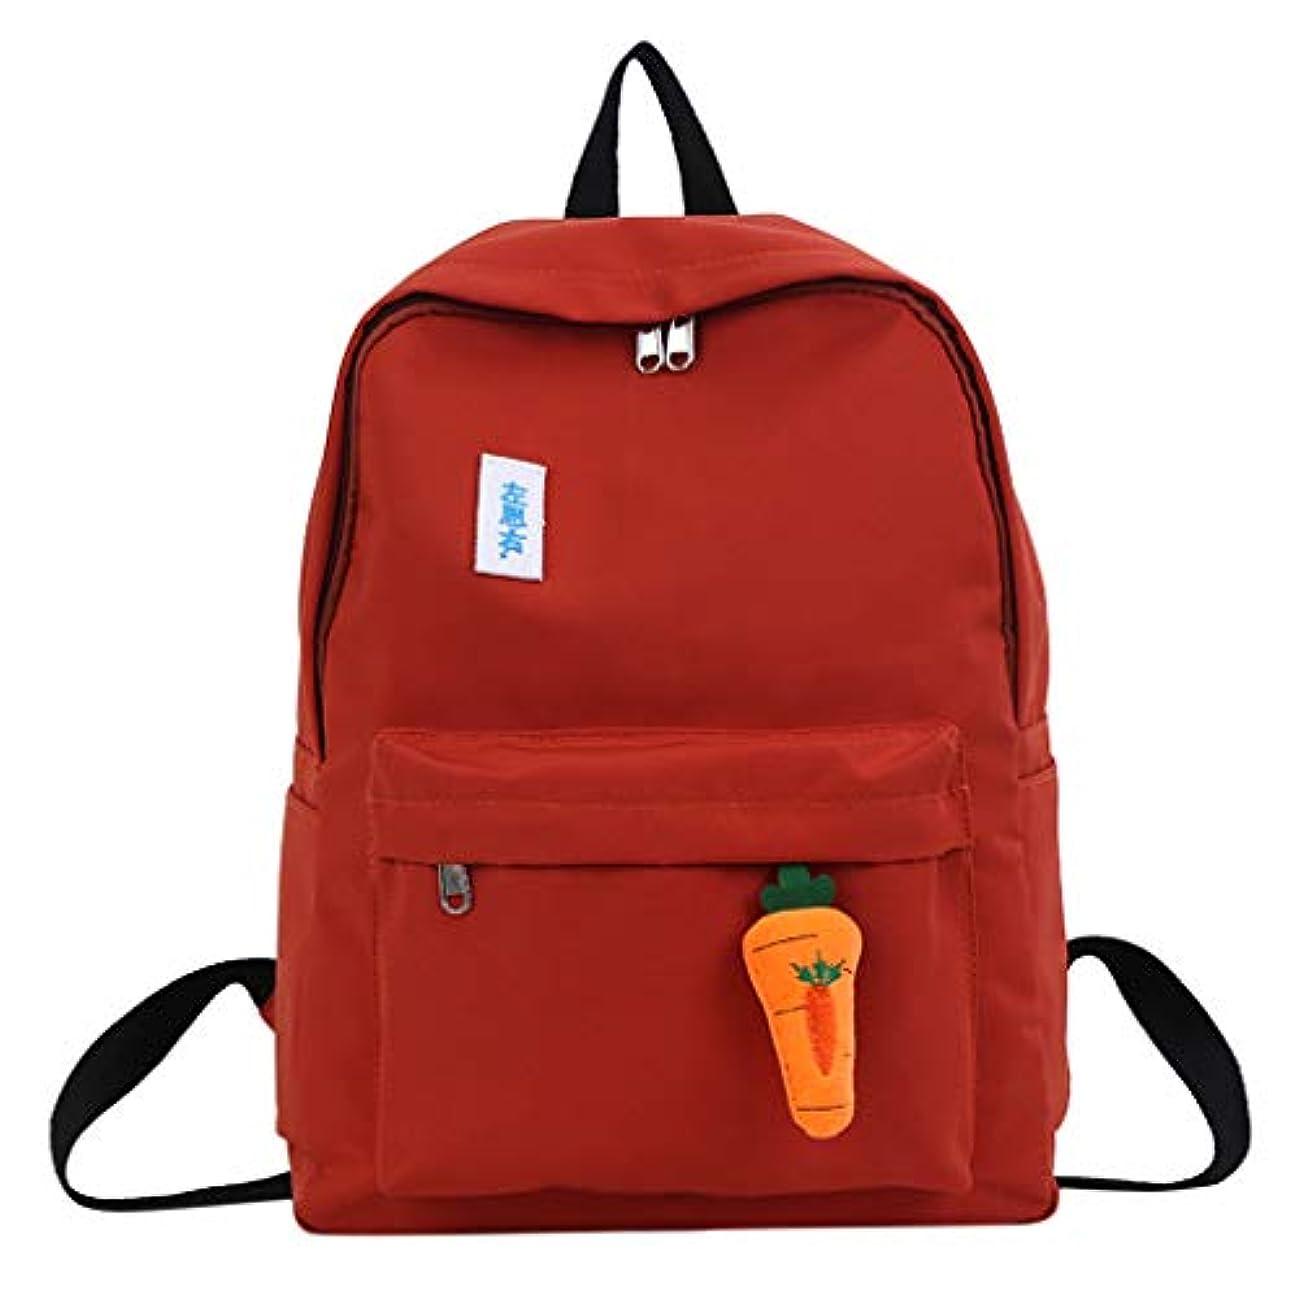 スポンジ知覚できる遅い女子学生カジュアルファッションシンプルなバックパック軽量キャンバスバックパックガールズ屋外大容量かわいいヴィンテージバッグ